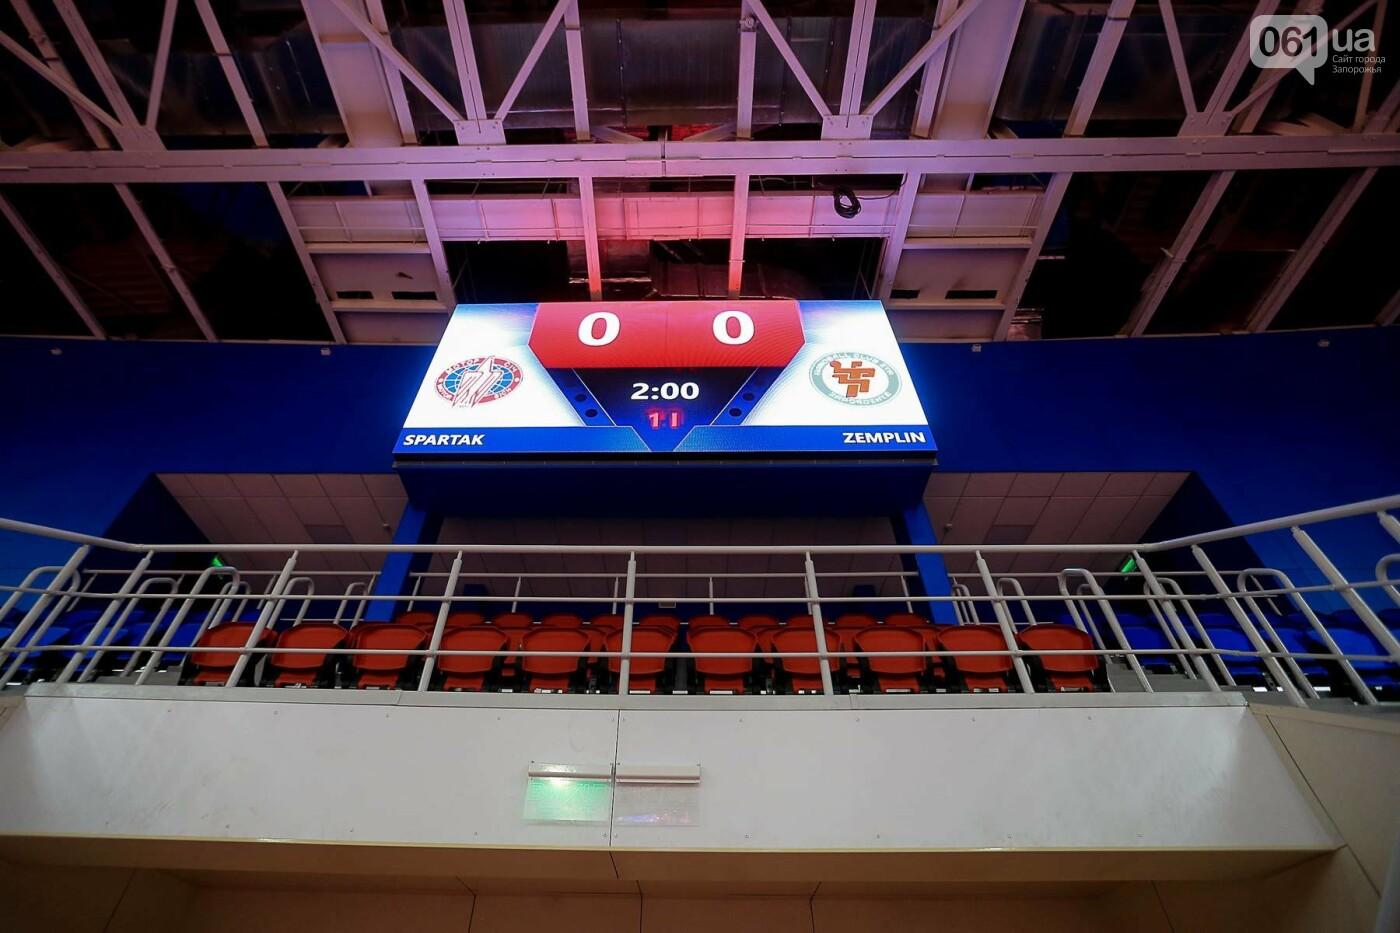 Представители Европейской гандбольной федерации проинспектировали запорожскую «Юность», - ФОТО, фото-16